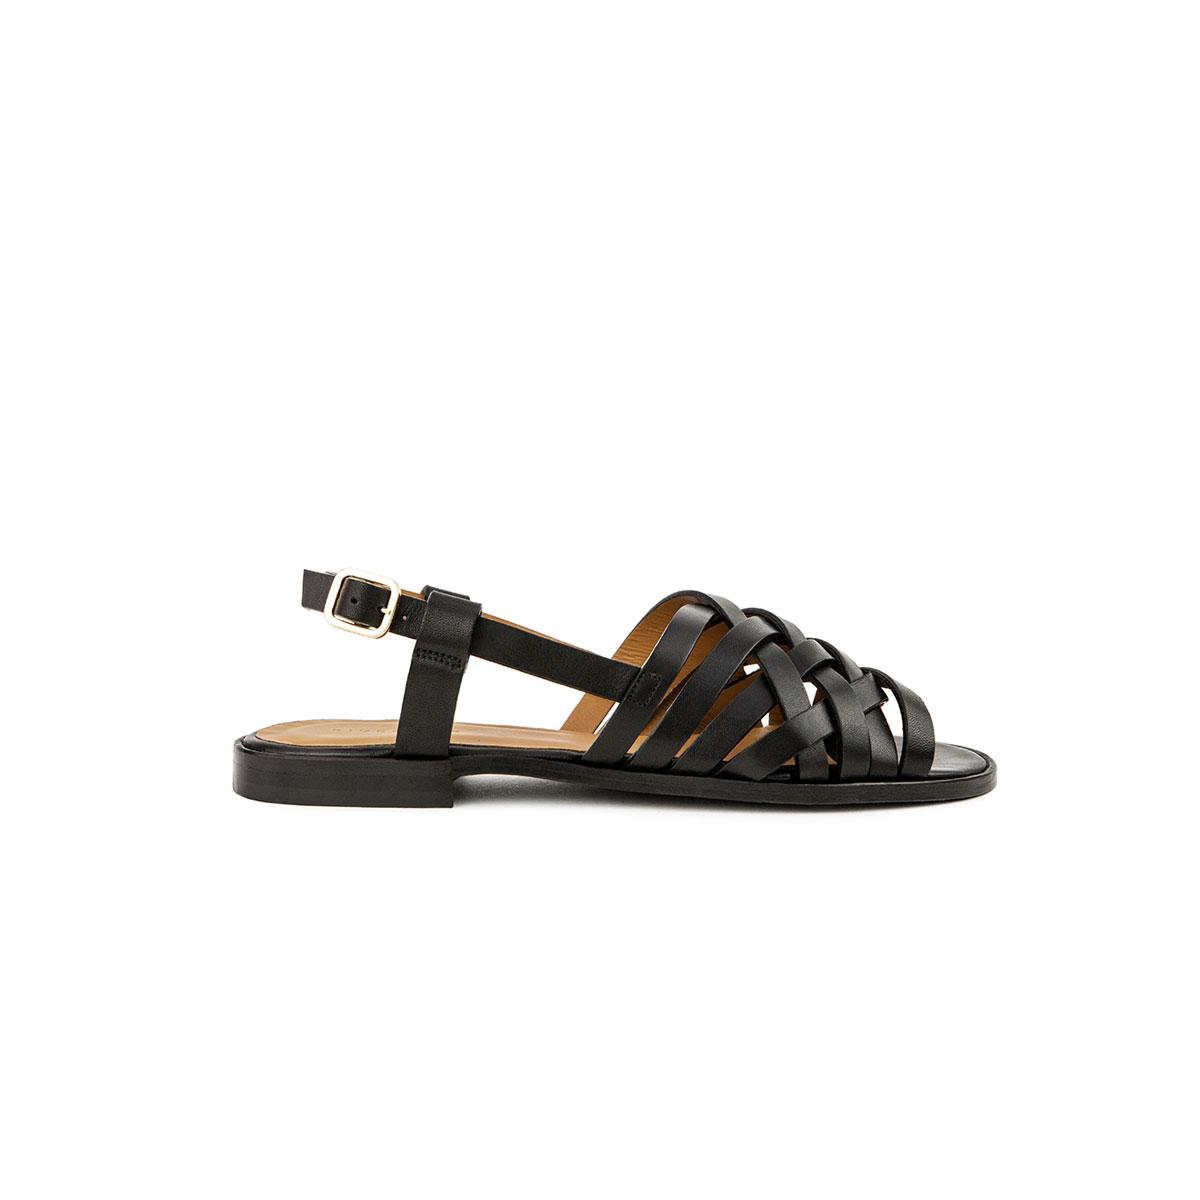 RIVECOUR Sandales N°63 noir